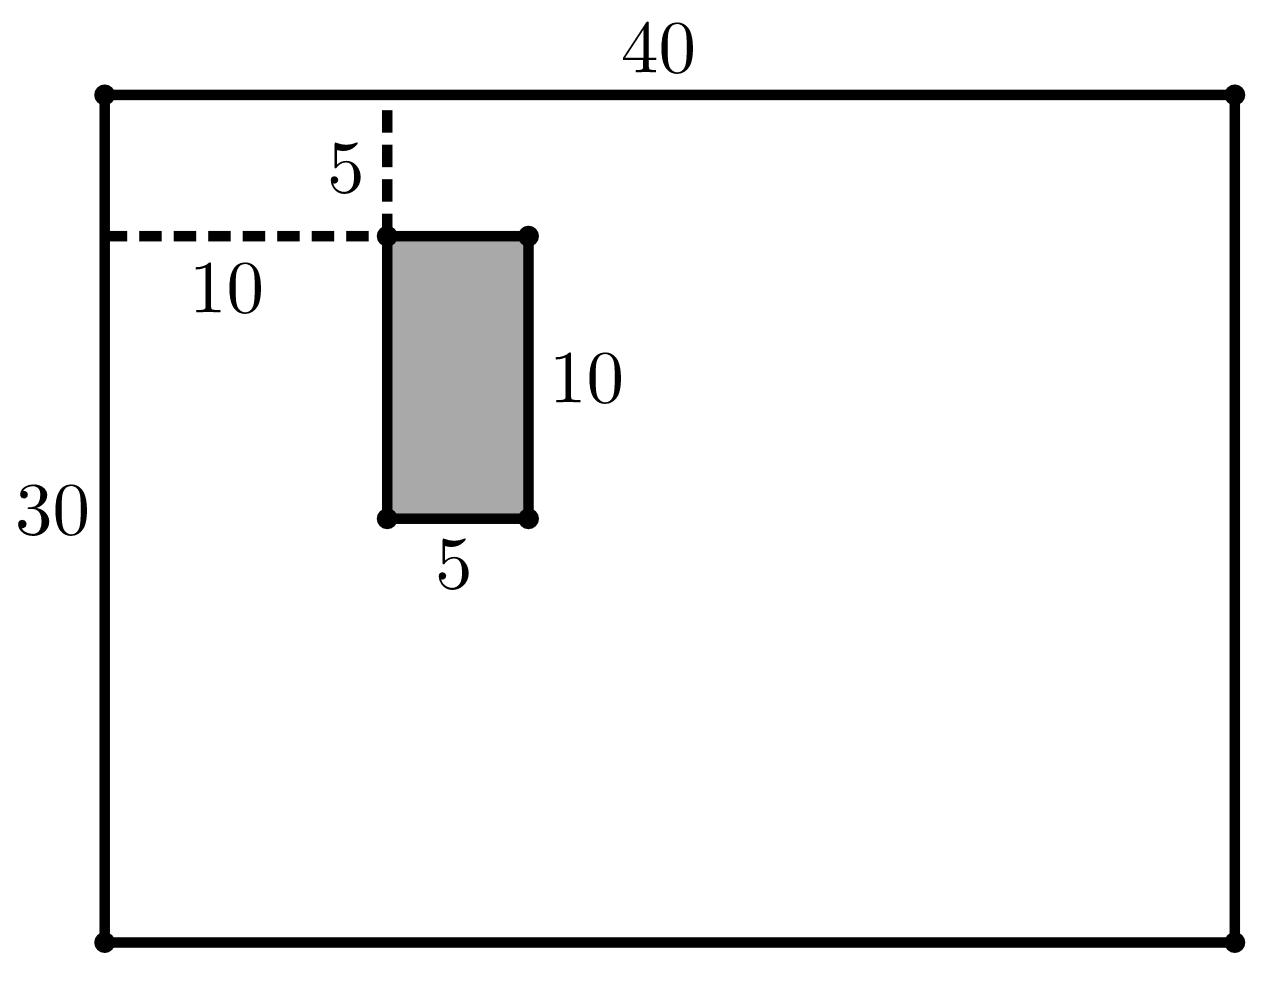 Geometry Problems from IMOs: Iranian Geometry 2014-8 (IGO) 61p